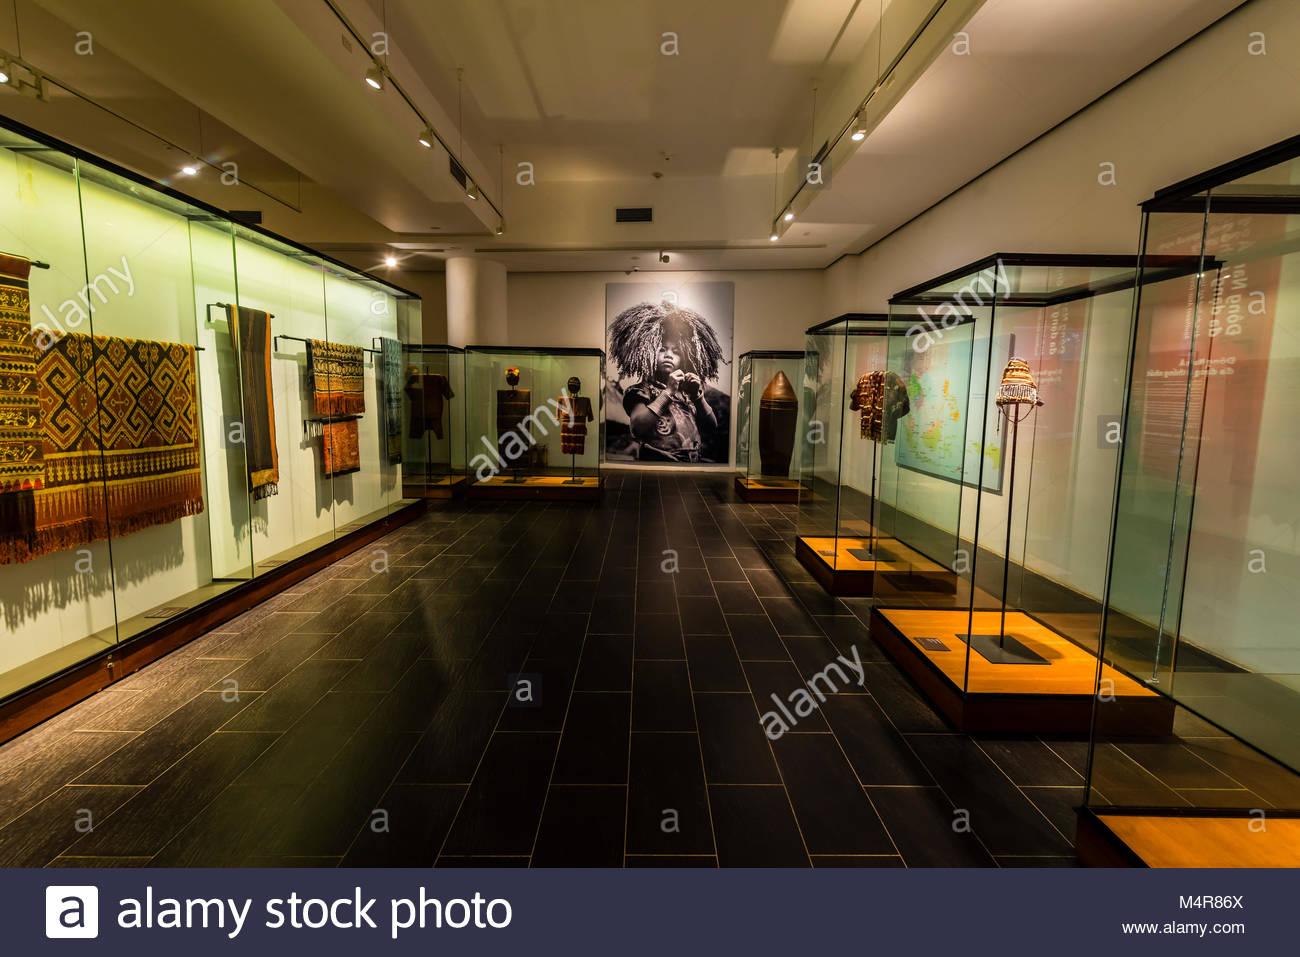 La mostra edificio dedicato al sud-est asiatico, cultura Vietnam Museo di Etnologia, Hanoi, Vietnam del nord. Immagini Stock